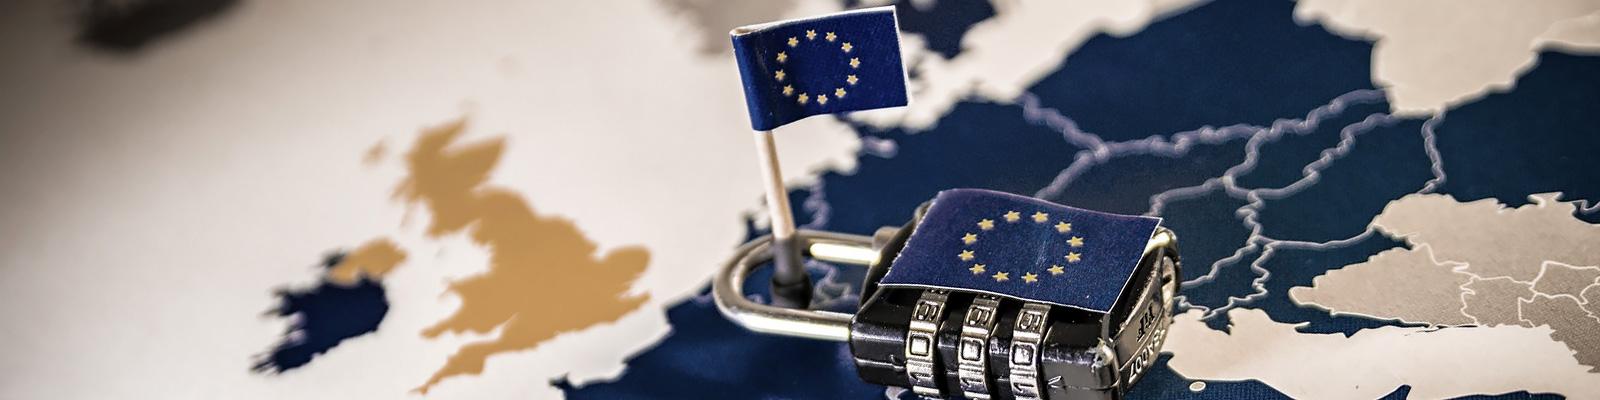 EU 国旗 セキュリティ イメージ